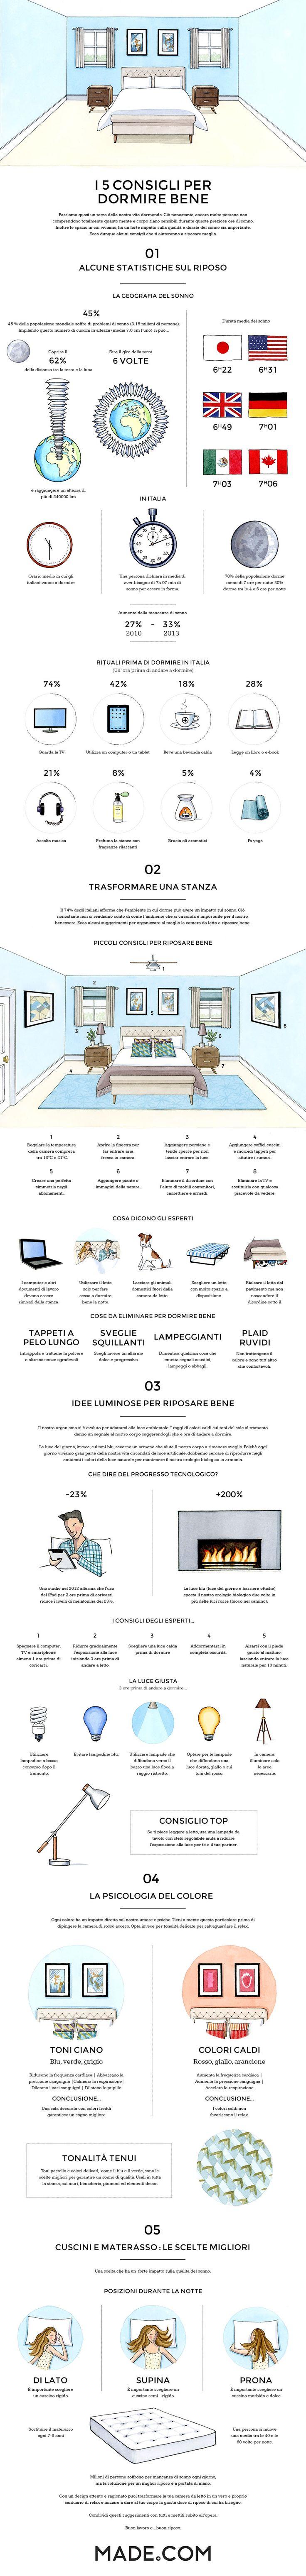 Blog page | made.com | alcuni consigli per #dormirebene